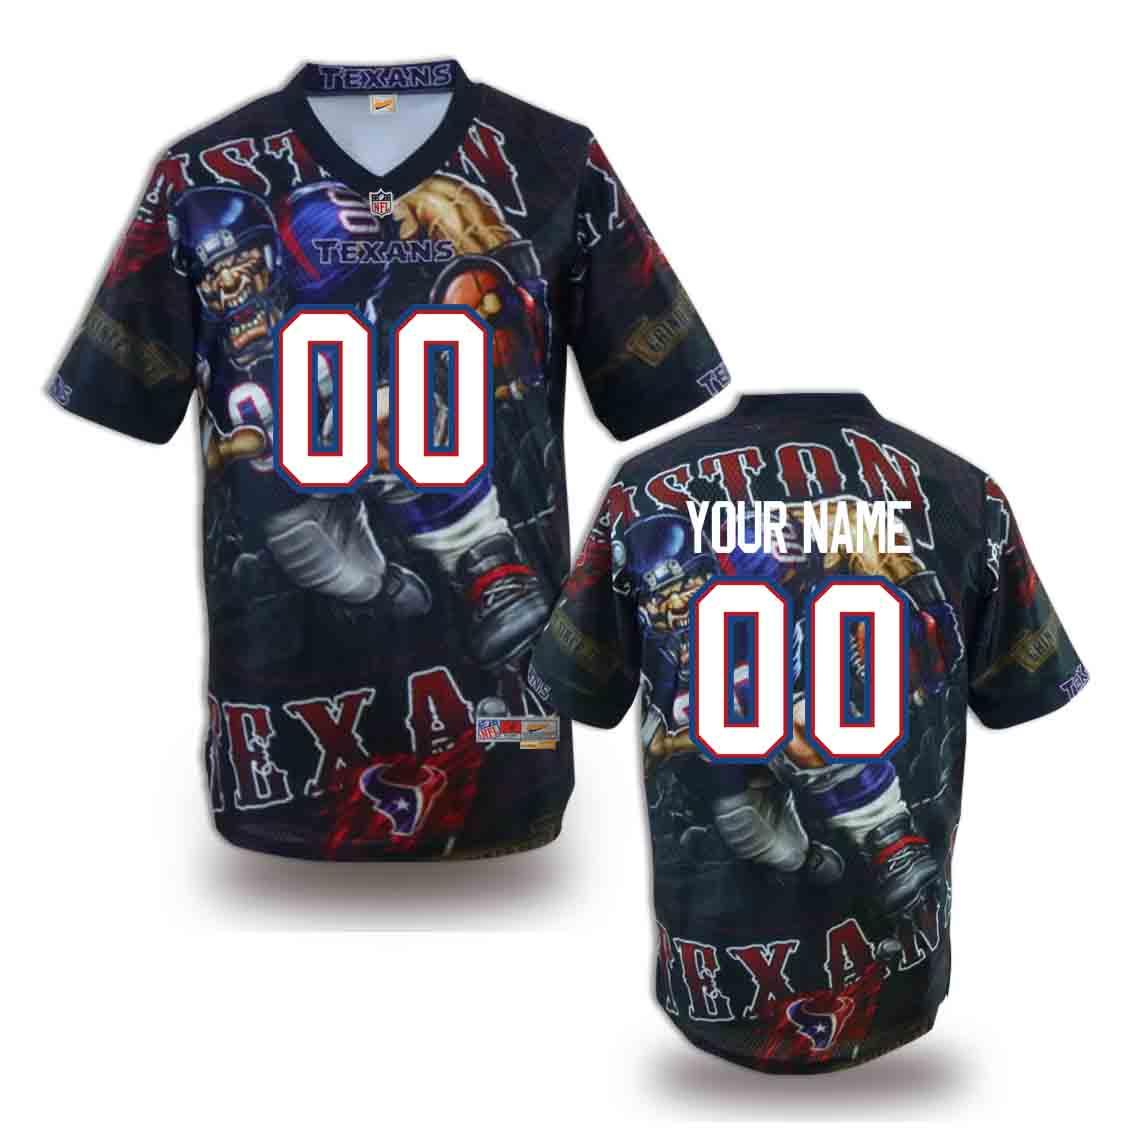 Nike Texans Customized Fashion Stitched Jerseys02